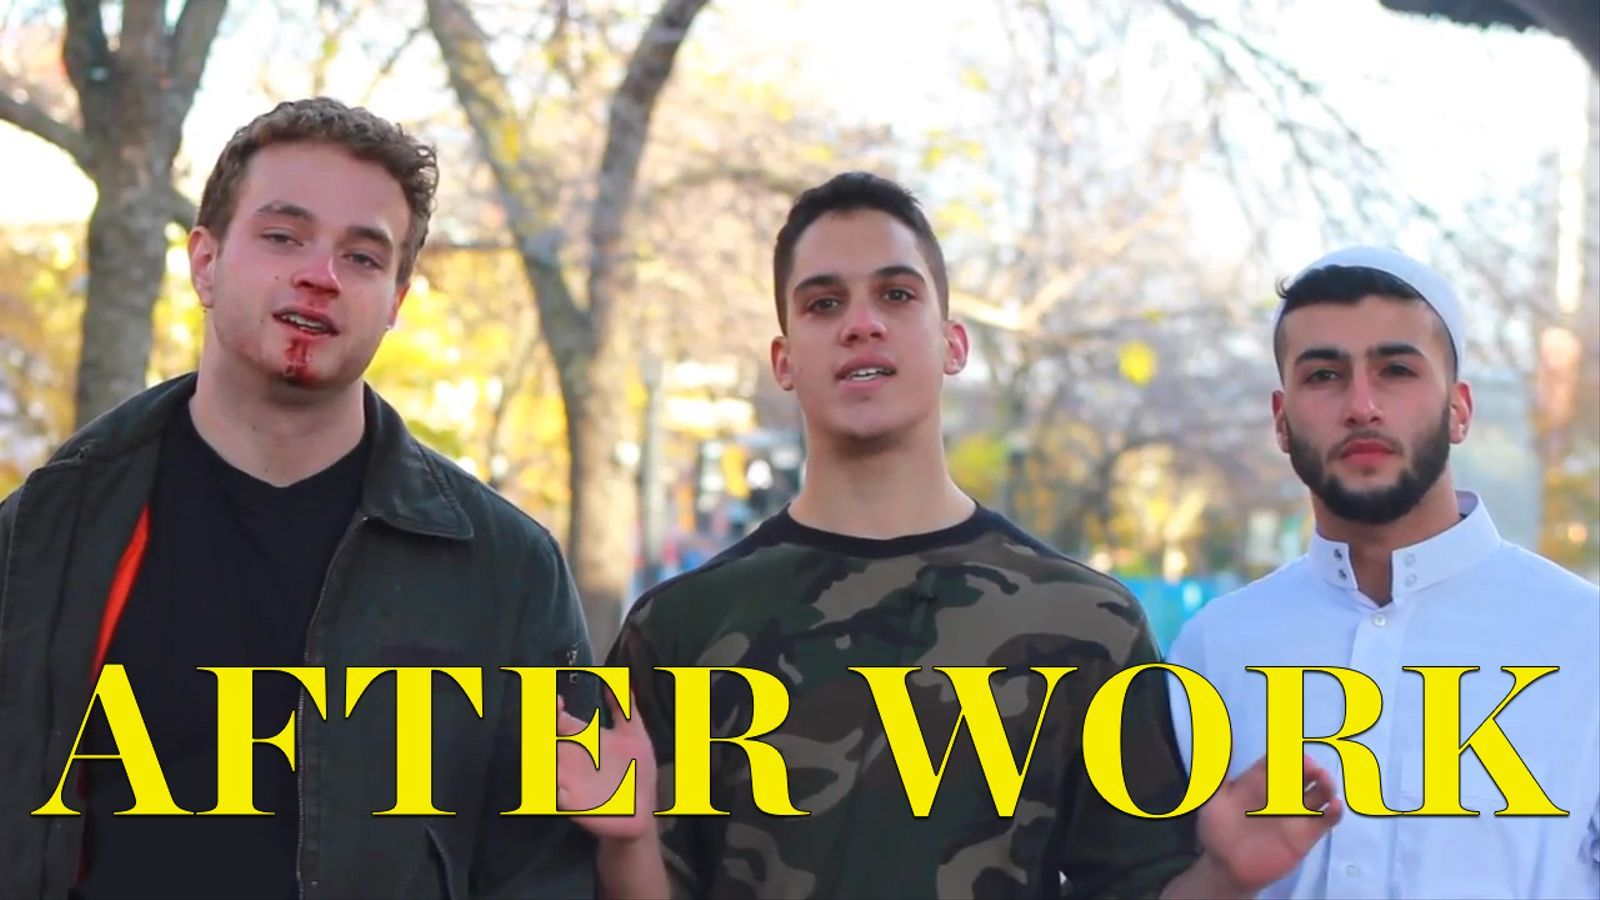 L'After Work: Una càmera oculta que ens dóna una lliçó de civisme per acabar el dia